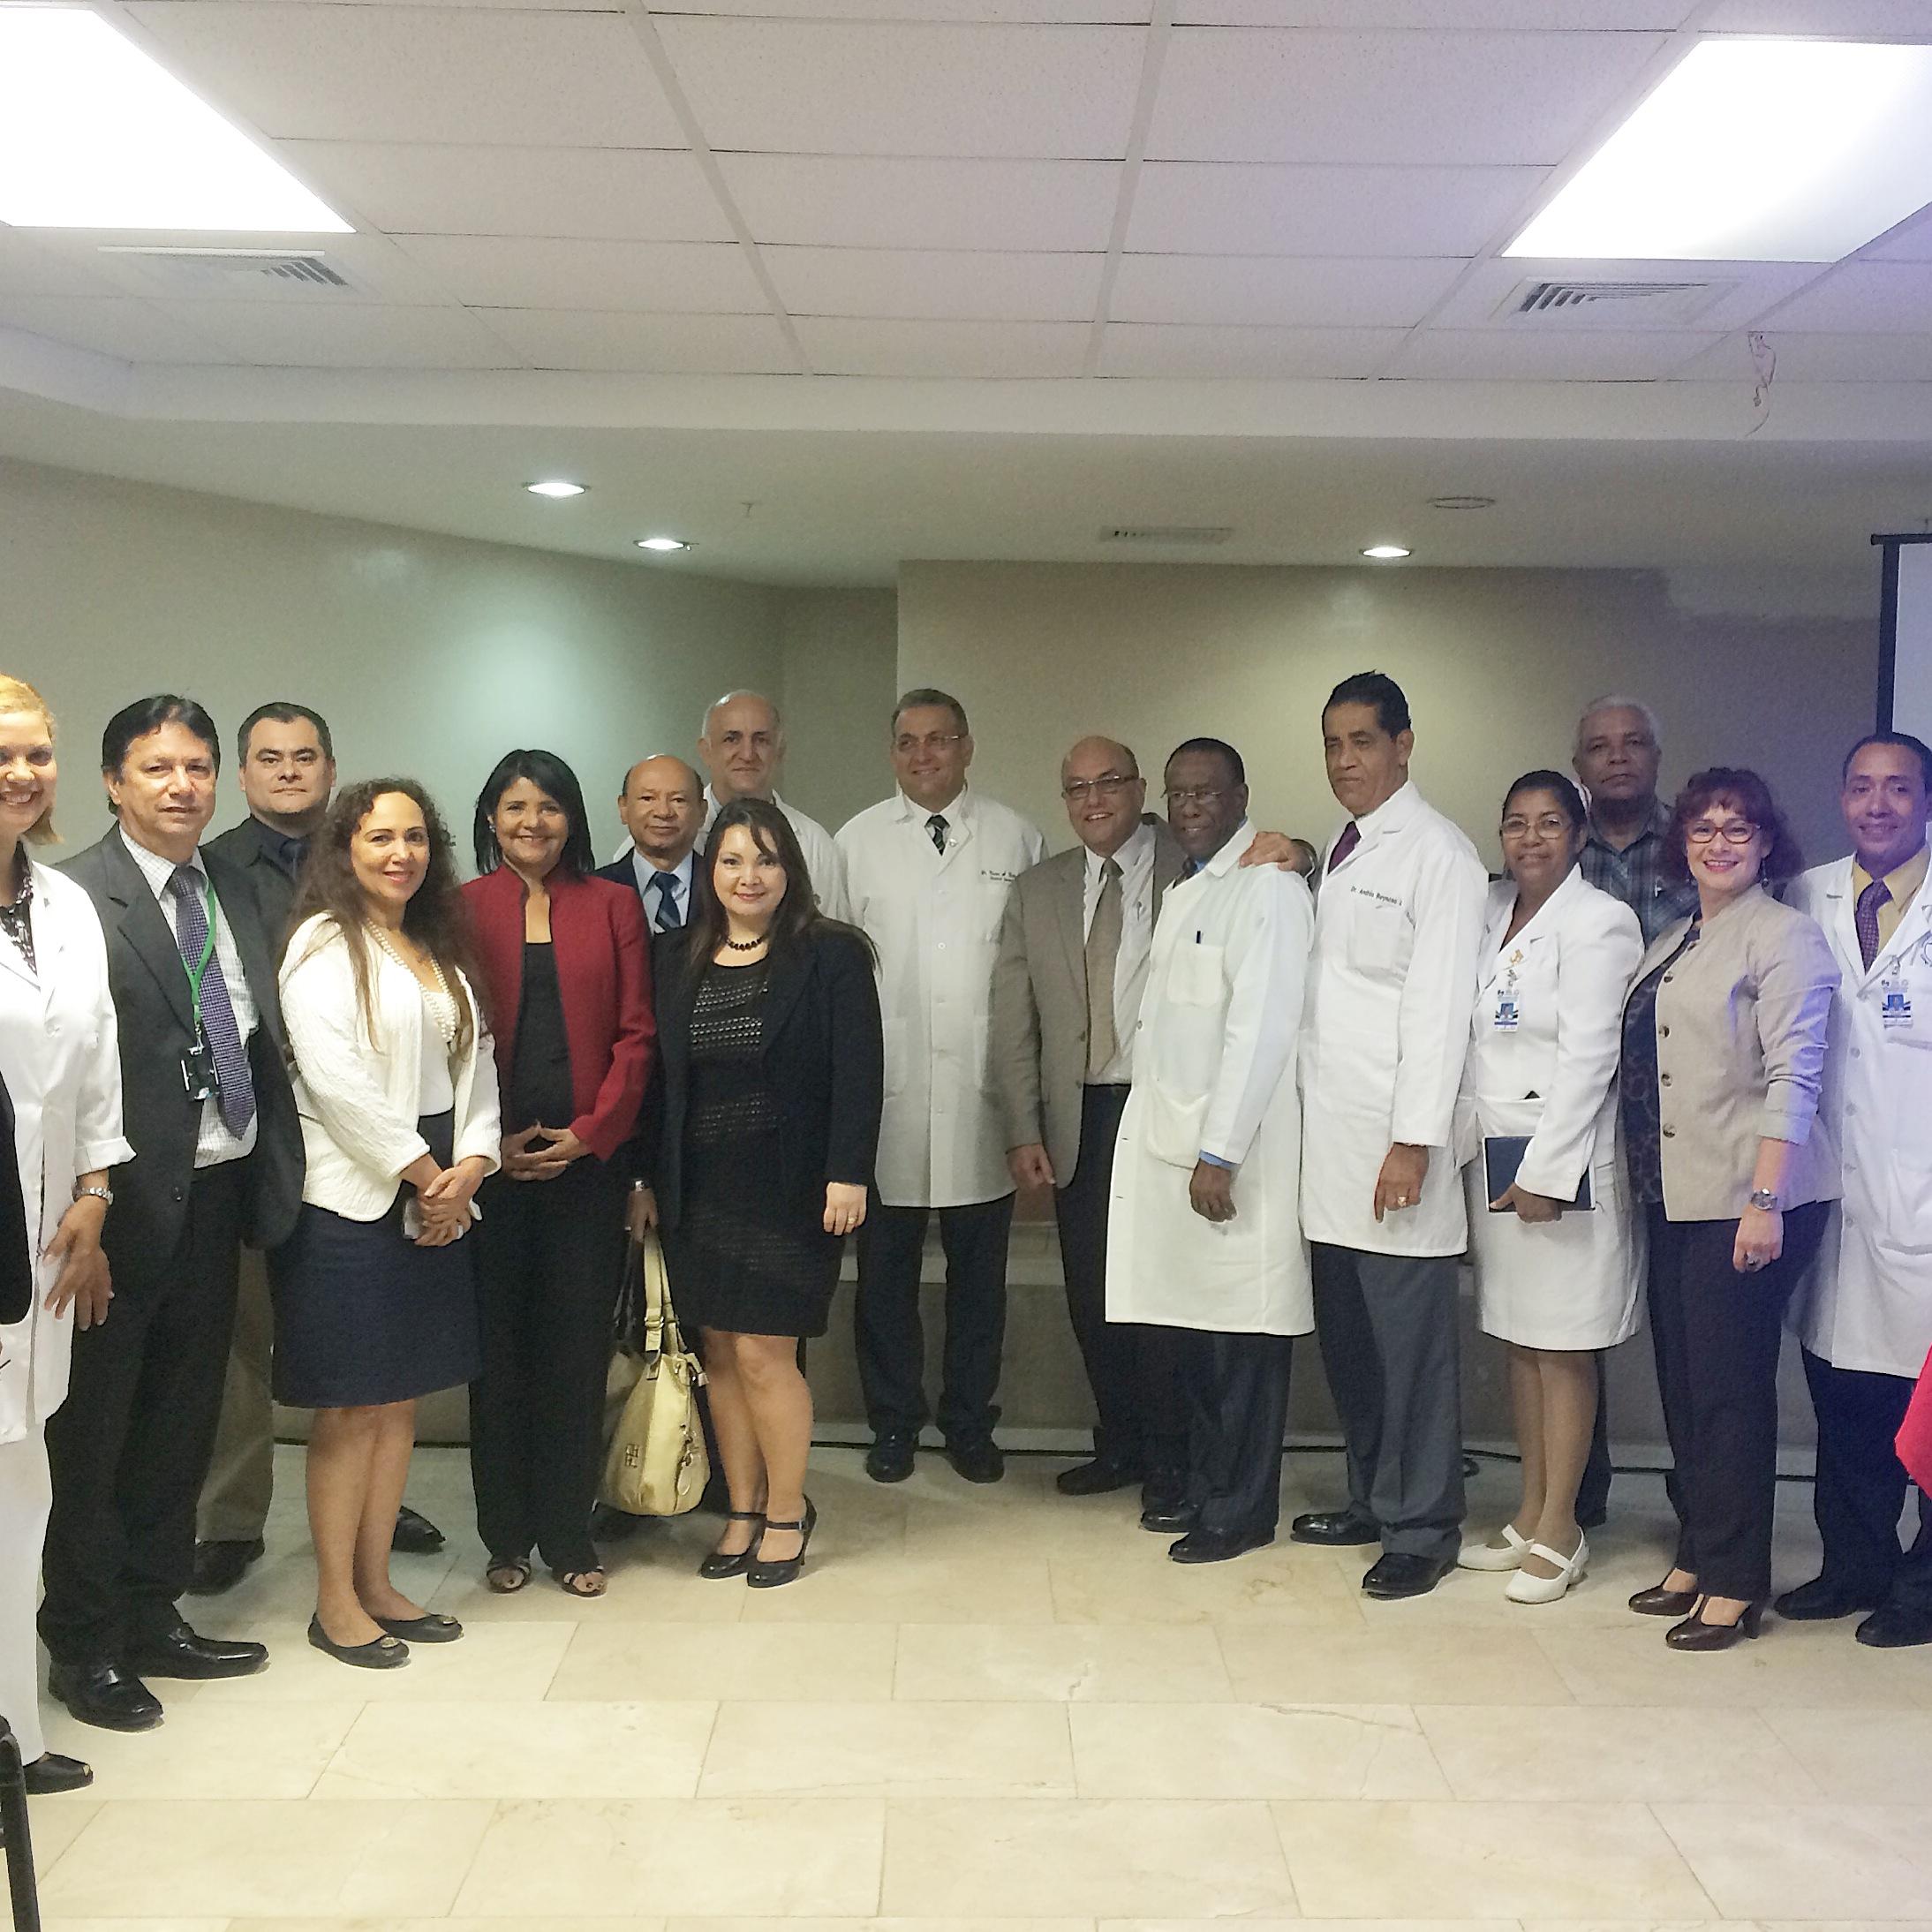 RD y Costa Rica suman esfuerzos para mejorar calidad servicios de salud